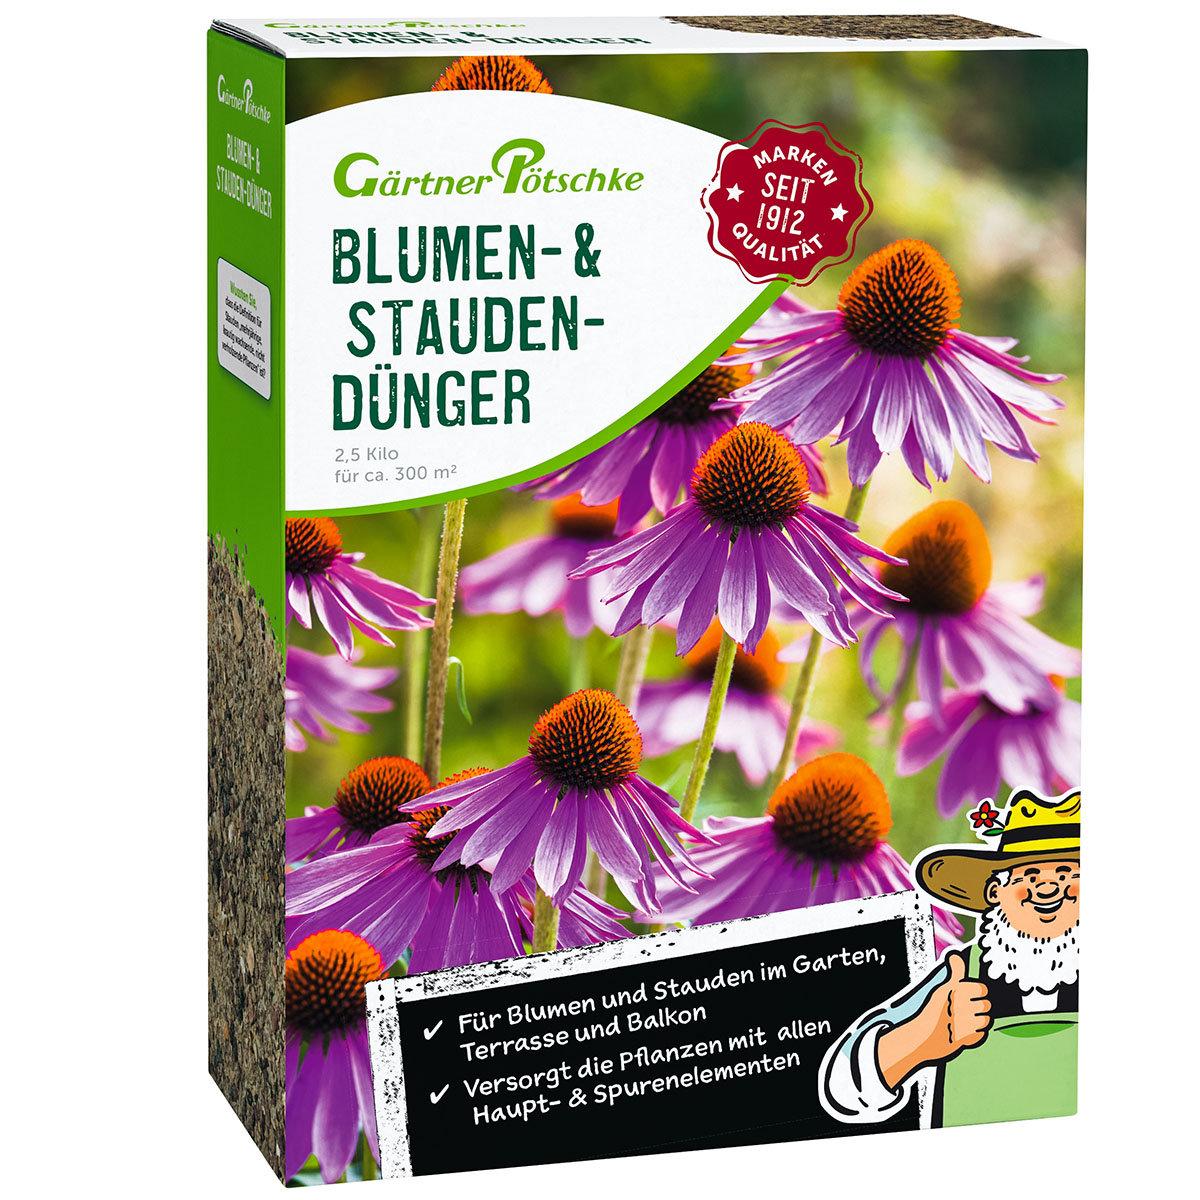 Blumen- und Stauden-Dünger, 2,5 kg